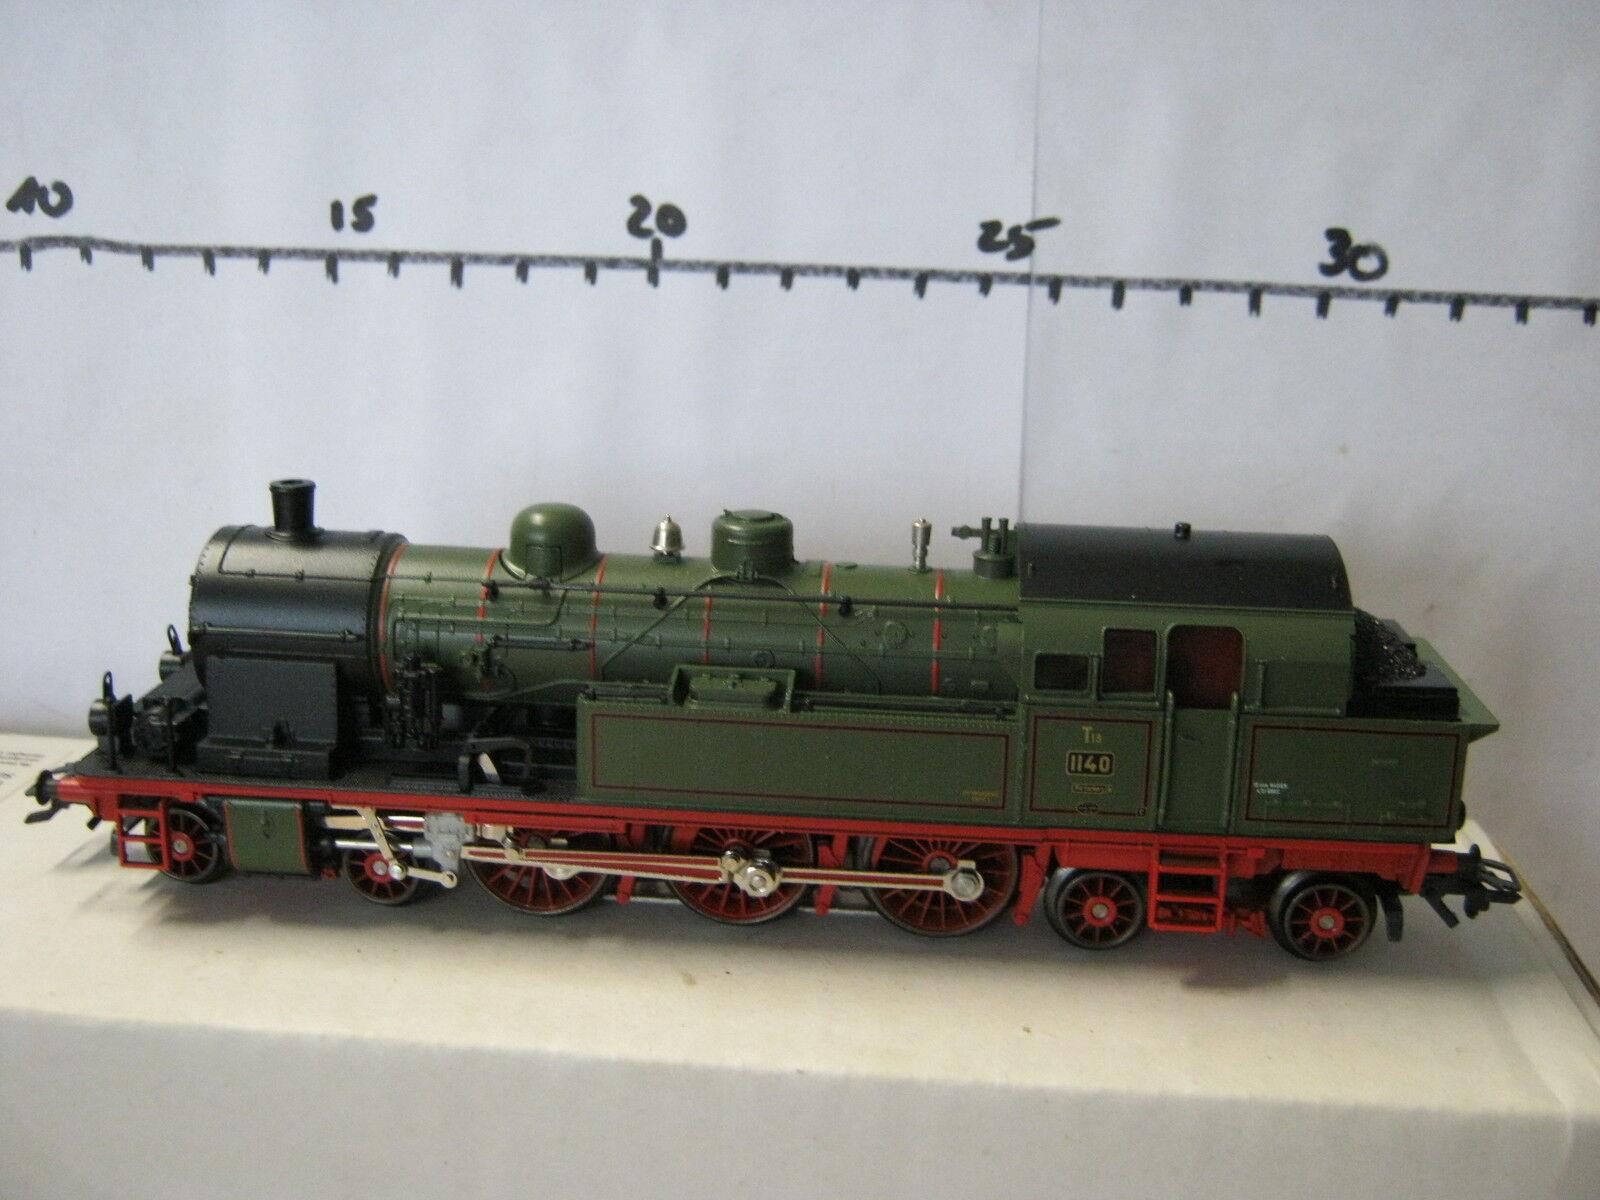 Digital   HO 33071 locomotiva a vapore t18 BR 1140 Wurtenberg  rg/ro/79-85s2/4  VP